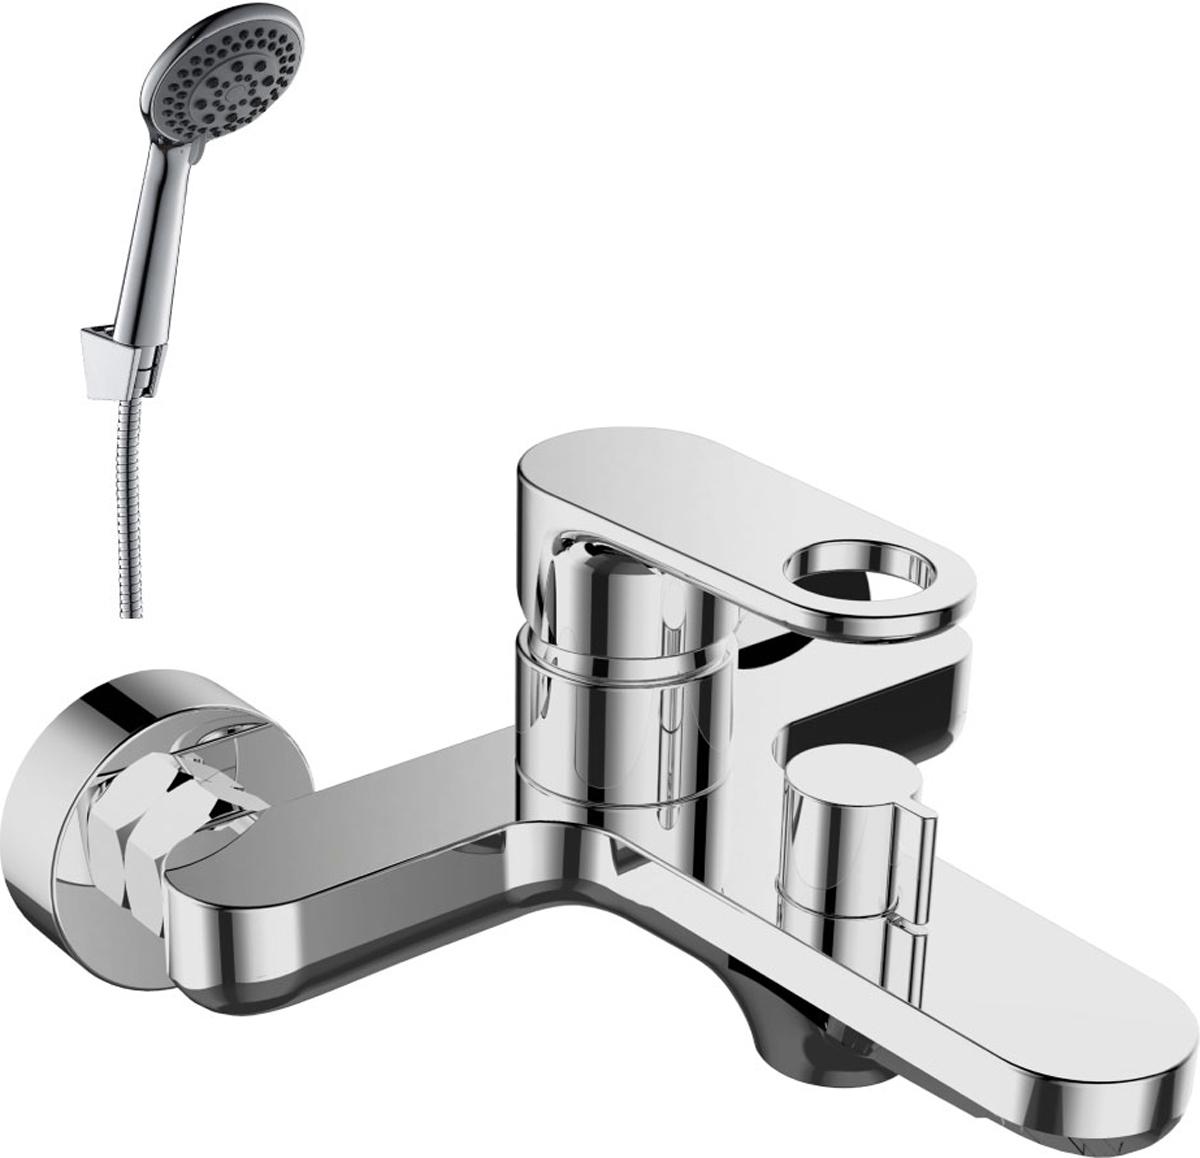 Смеситель Rossinka RS33-31, для ванныRS33-31RS33-31. Смеситель для ванны с монолитным изливом.Комплектация:• пластиковый аэратор с функцией легкой очистки• керамический картридж 35 мм• переключатель с керамическими пластинами• аксессуары в комплекте (шланг 1,5 м, 3-функциональная лейка с функцией легкой очистки, 2-х позиционный держатель для лейки)• присоединительная группа (эксцентрики с отражателями) для вертикального крепления• металлическая рукояткаСмесители Rossinka были разработаны российским институтом «НИИ Сантехники», что позволило произвести продукт, максимально подходящий под условия эксплуатации в нашей стране (жесткая вода, частые перепады температуры и напора воды).«НИИ Сантехники» рекомендует установку смесителей Rossinka в жилых помещениях, в детских, лечебно-профилактических, дошкольных и школьных учреждениях.Наличие международного сертификата ISO 9001 гарантирует стабильность качества выпускаемой продукции.Сервисная сеть насчитывает 90 гарантийных мастерских по России и странам СНГ.Плановый срок службы смесителей 30 лет.Гарантия на смесители 7 лет.